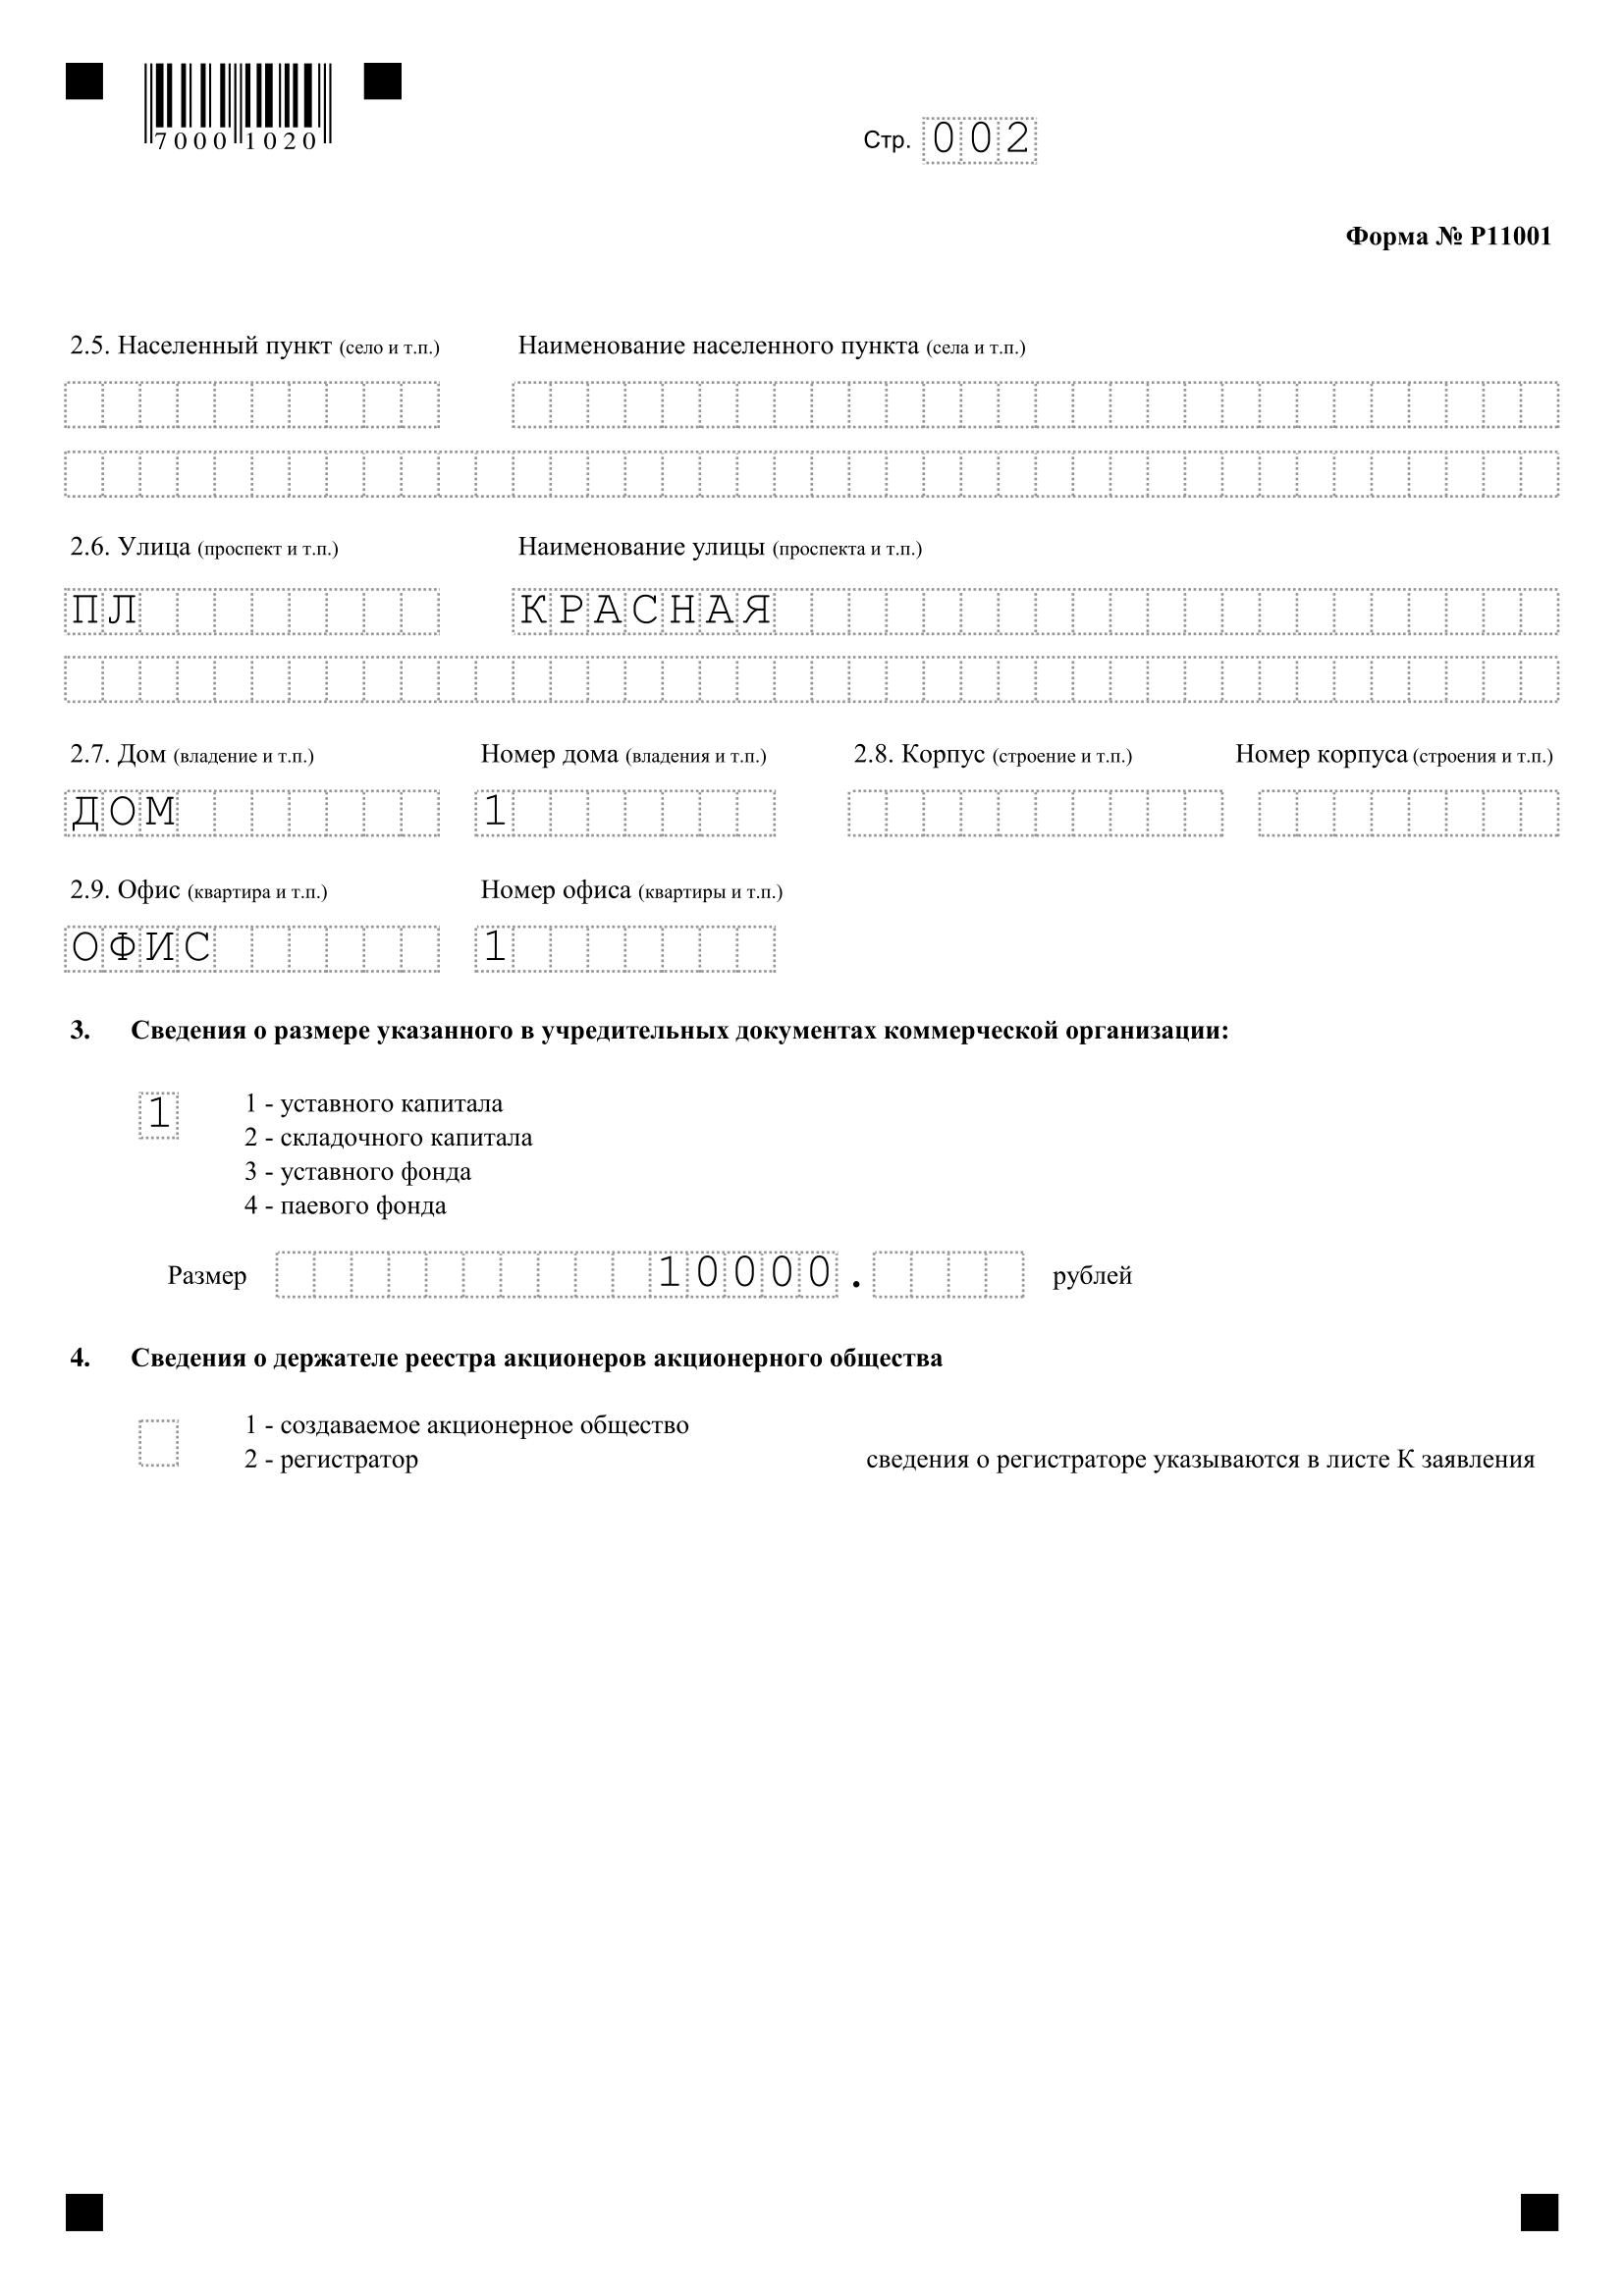 регистрация ооо консалтинг